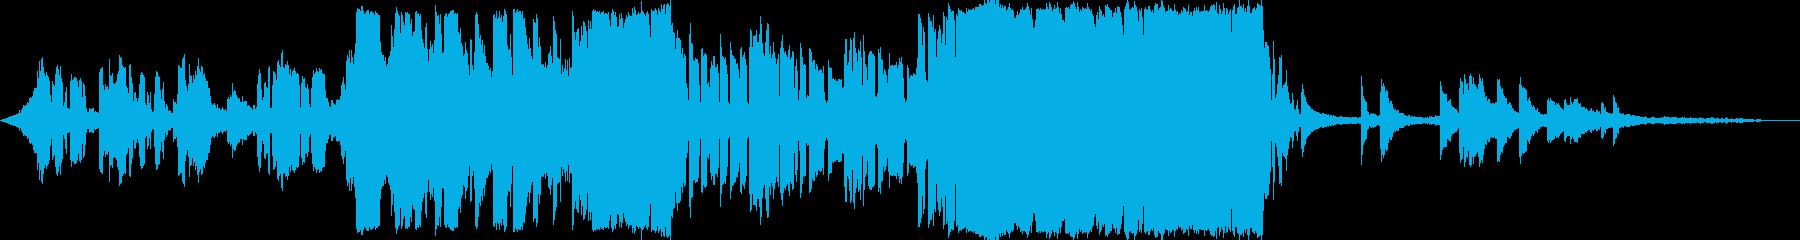 映画トレイラー風シネマティックロック洋楽の再生済みの波形